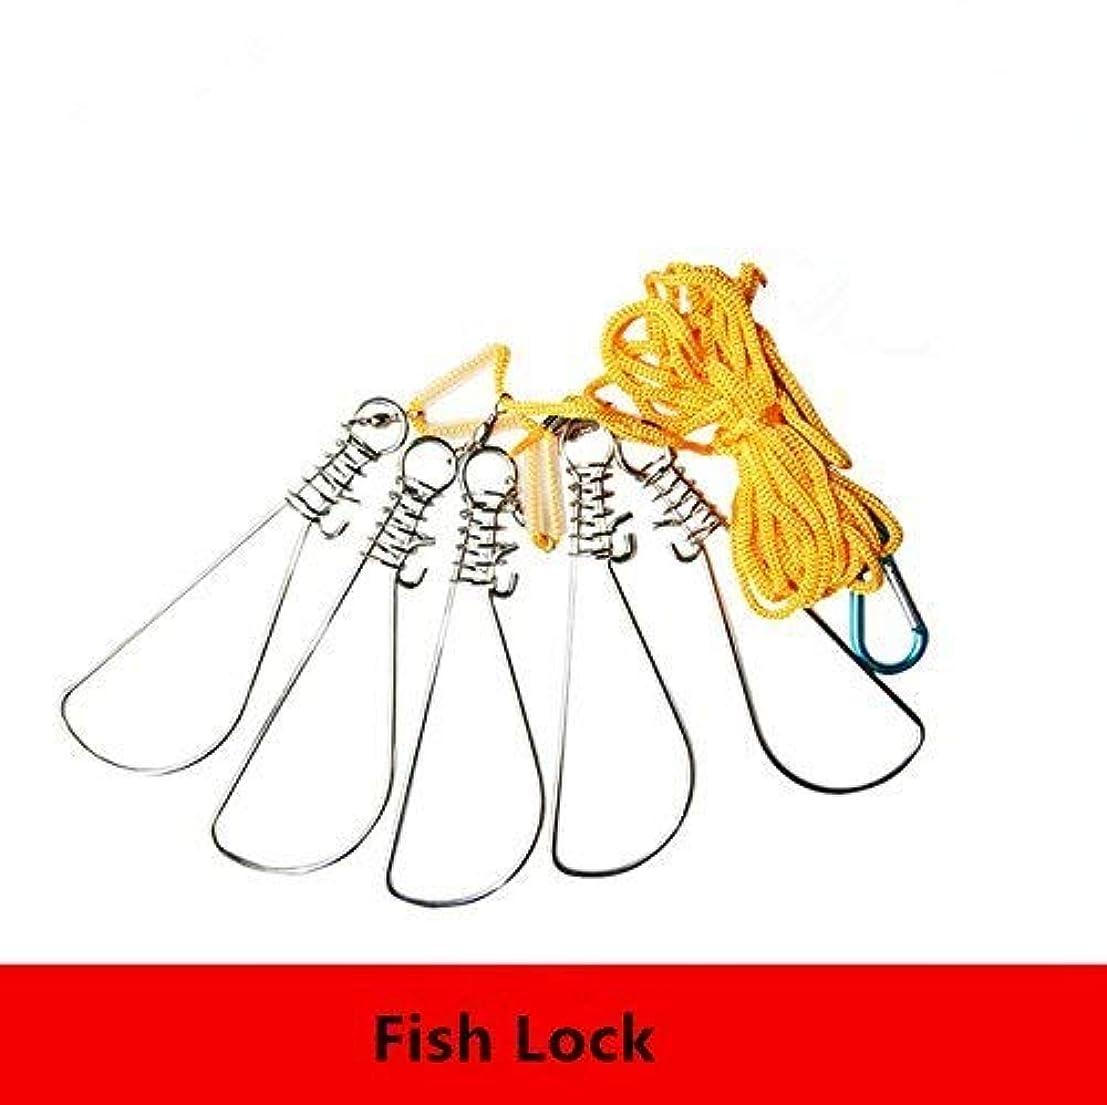 Fishcm 5 Snaps Nylon Live Fish Lock Fishing Stringer Steel Lanyard Large Fish Lock